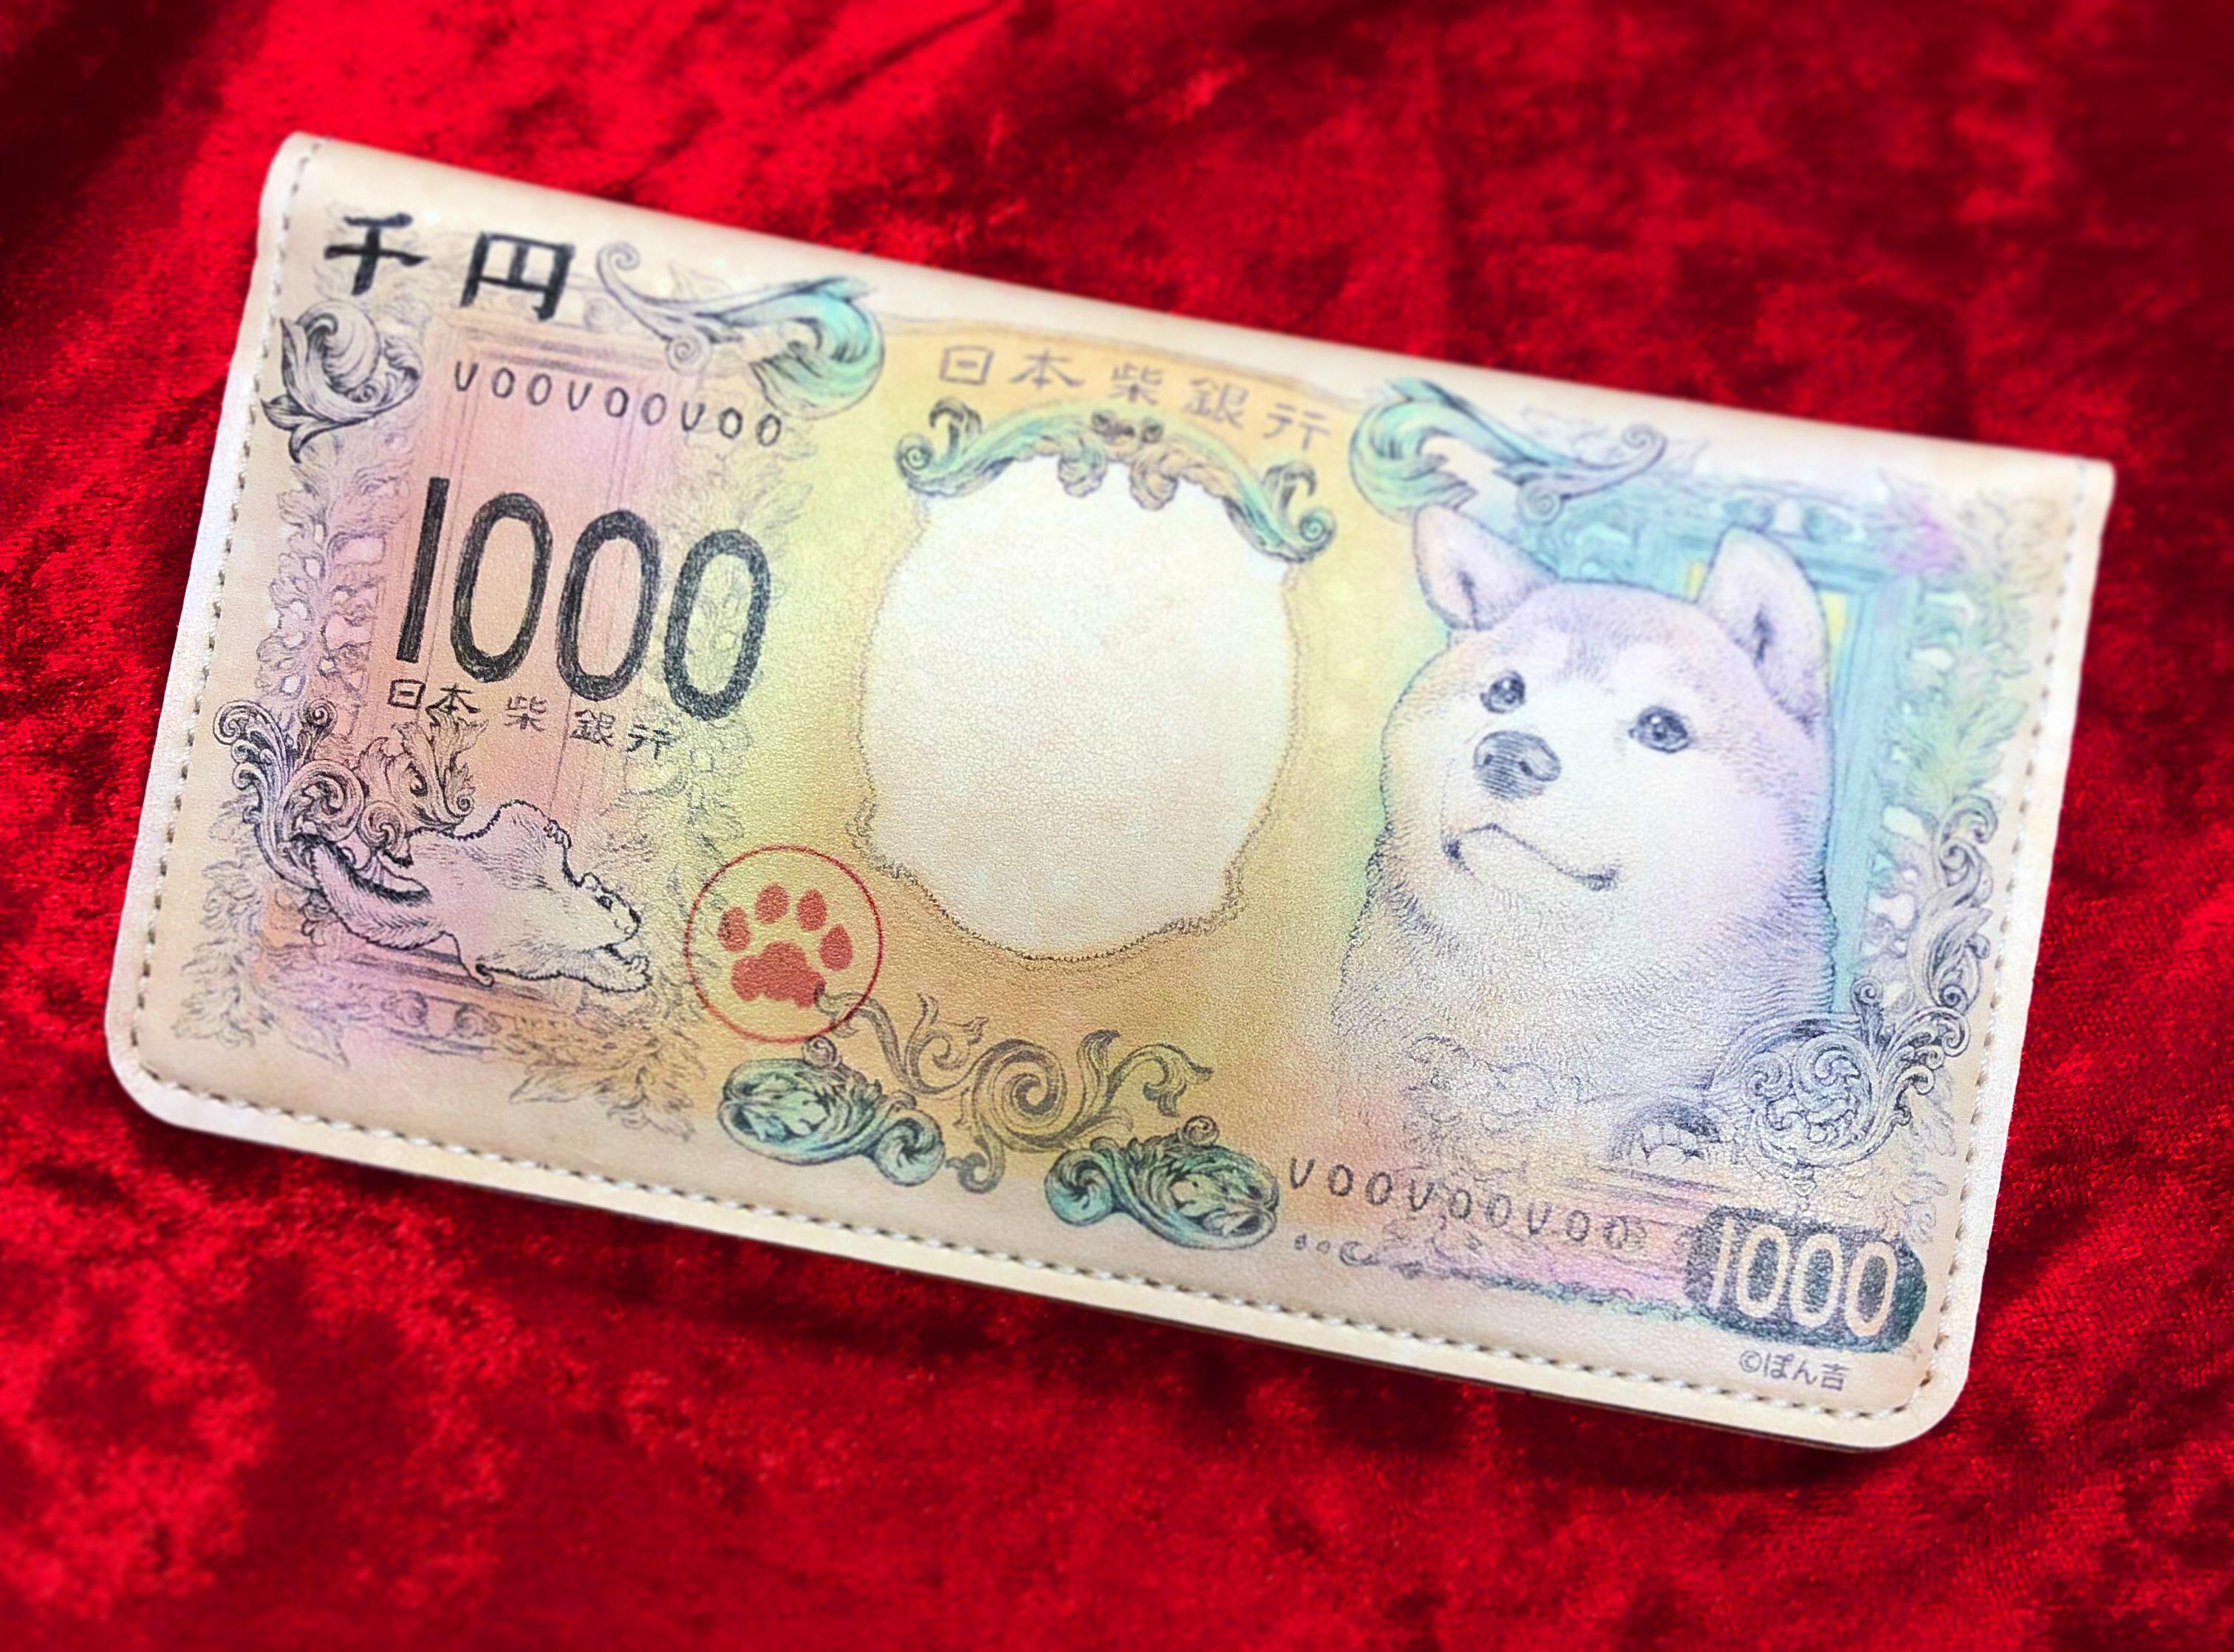 【 すぐ発送! 】ワンさかお金が貯まっちゃう?!人気の柴犬グッズも再生産しました!